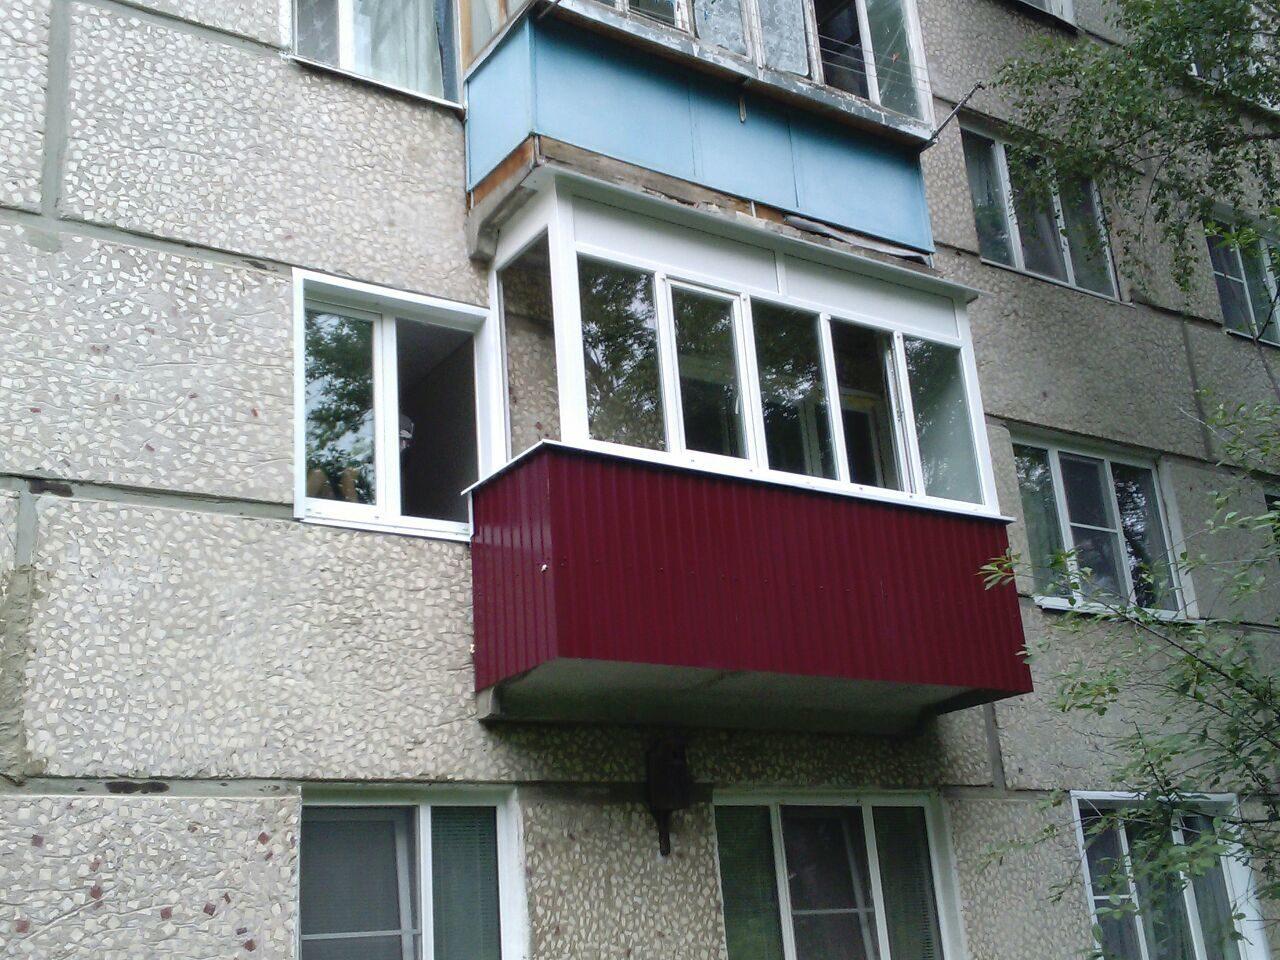 Балконы. крыши последних этажей. наружняя и внутренняя отдел.